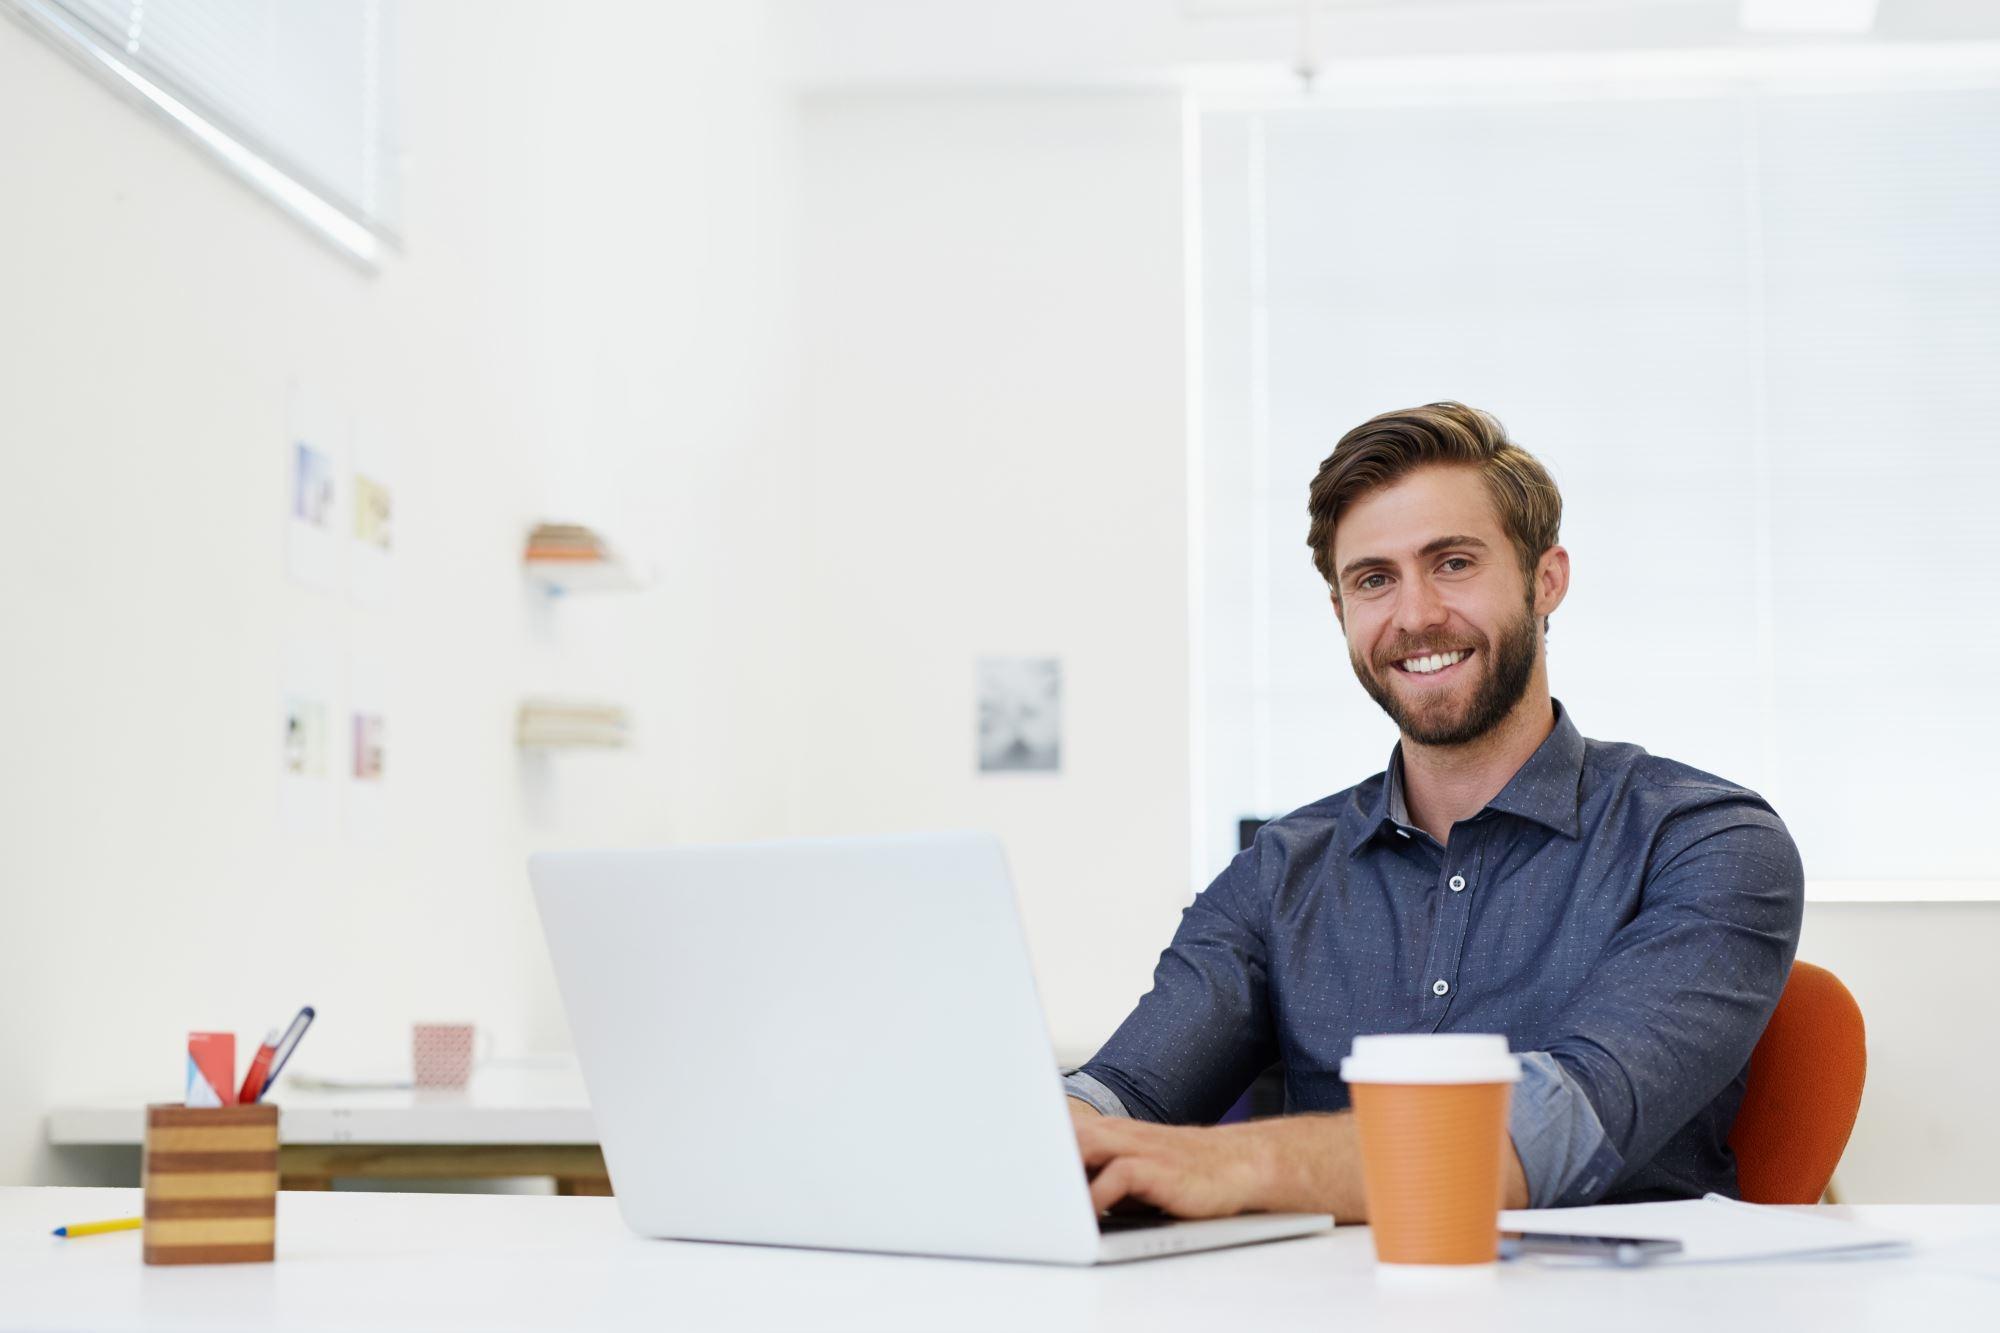 Das Ready-to-run Intranet für Office 365 und SharePoint   MatchPoint Hub verbindet Mitarbeiter mit Informationen und bietet alles was Sie für die digitale Kommunikation und Zusammenarbeit brauchen.   MatchPoint entdecken